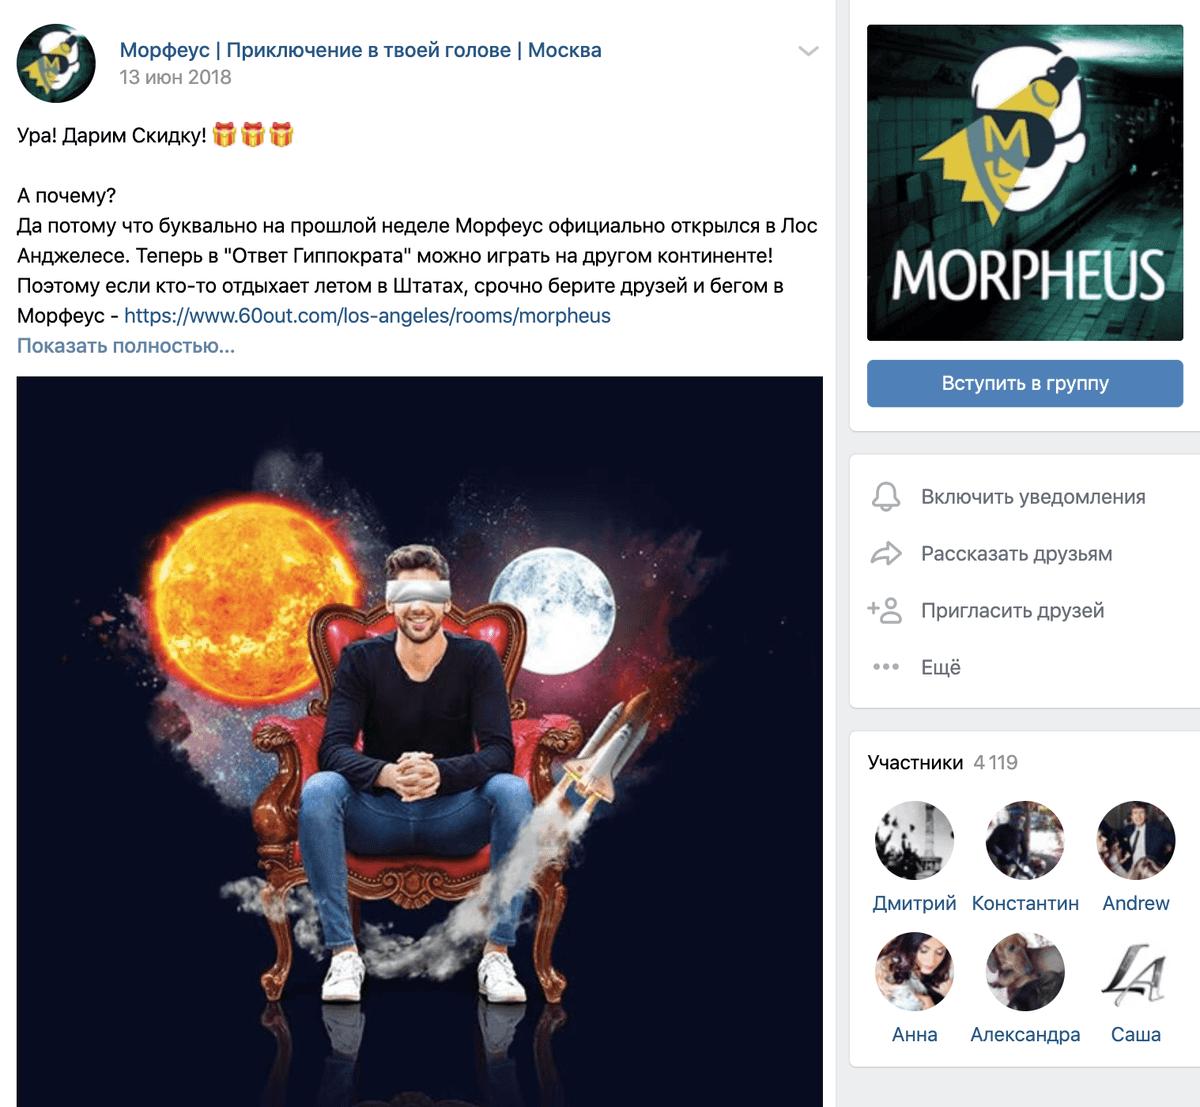 На странице во Вконтакте публиковали фотографии игроков и новости проекта. За три года набрали 4000подписчиков